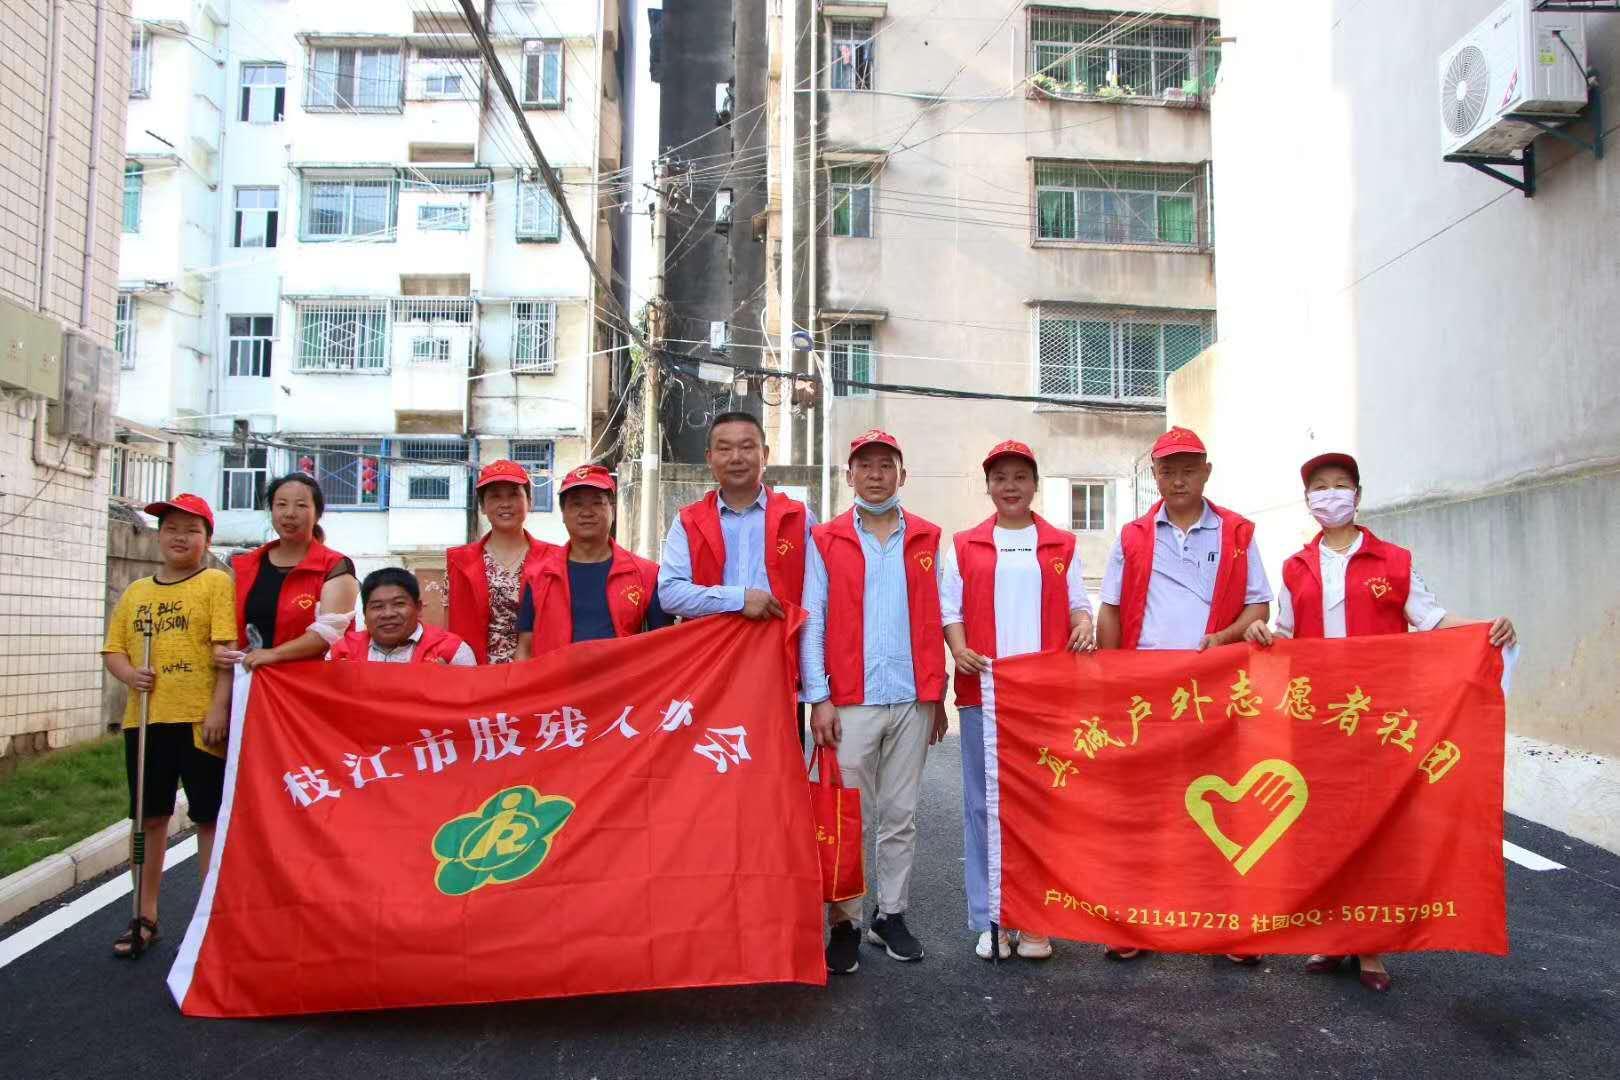 湖北省枝江市户外志愿者协会和枝江市残疾协...